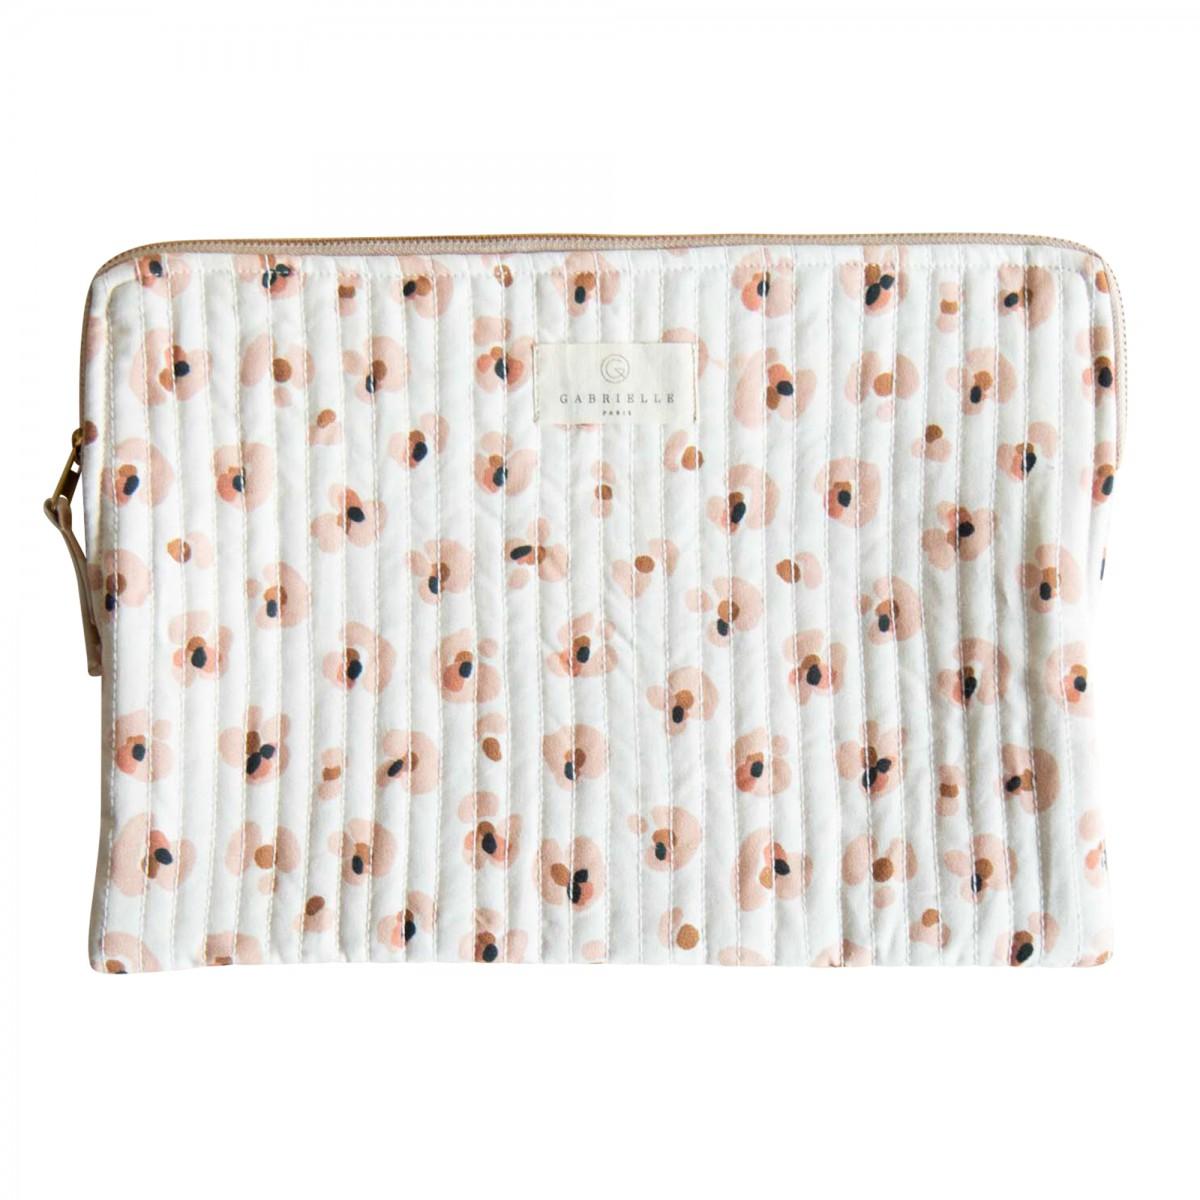 Pochette ordinateur en coton imprimé léopard crème